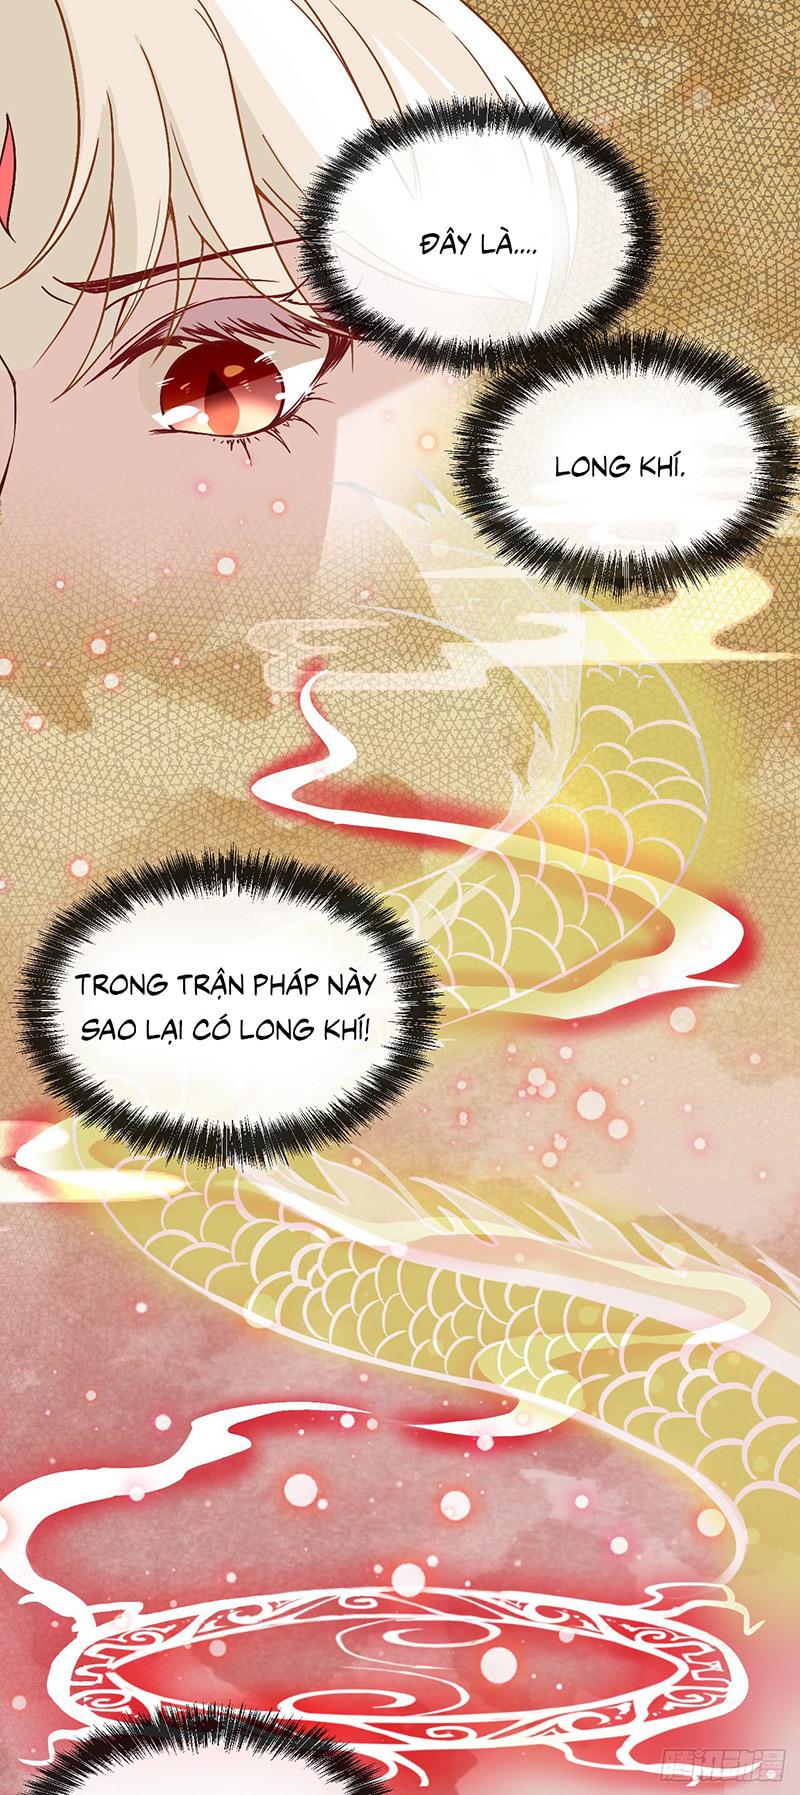 Vương phi thật uy vũ chap 44 - Trang 2